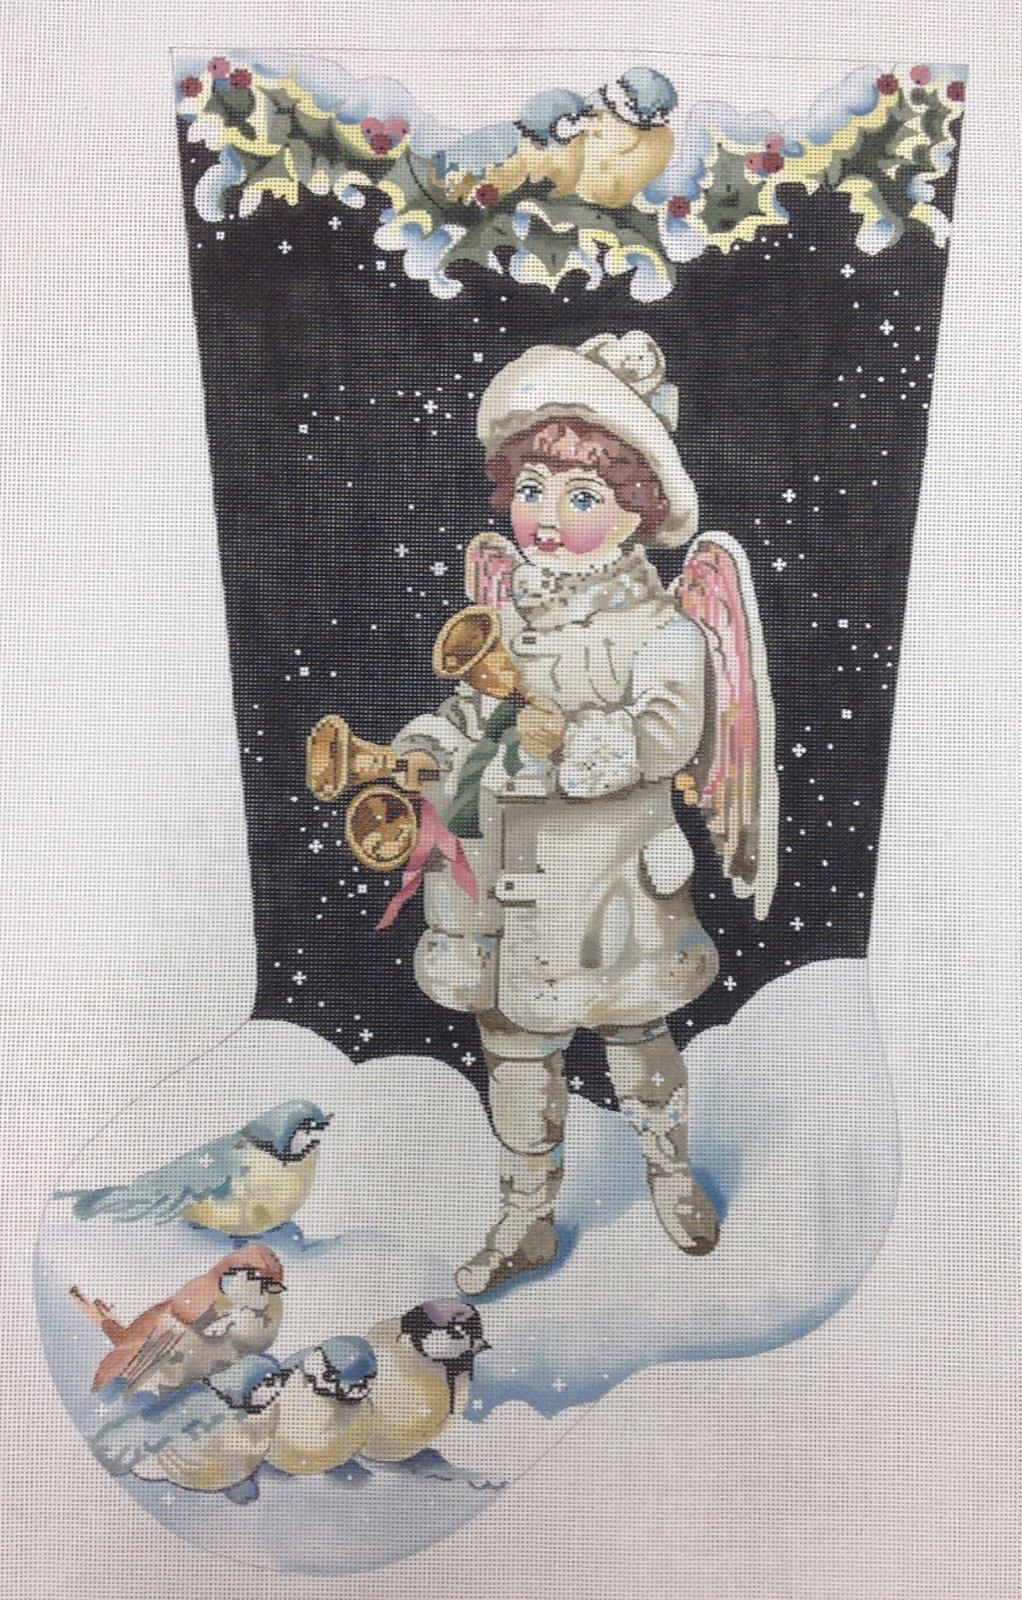 boy angel new year